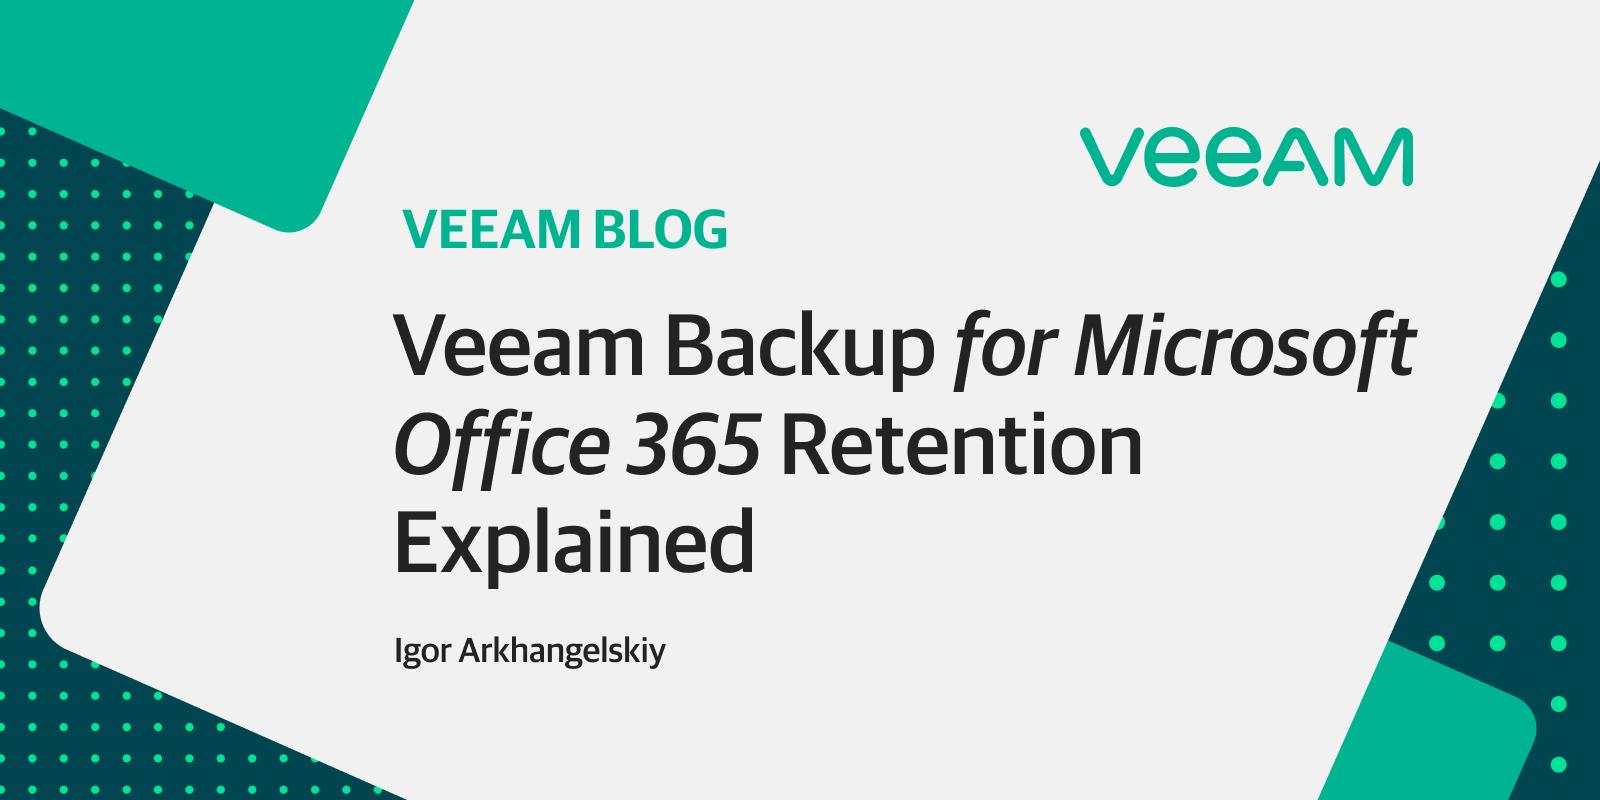 Veeam Backup for Microsoft Office 365 retention explained